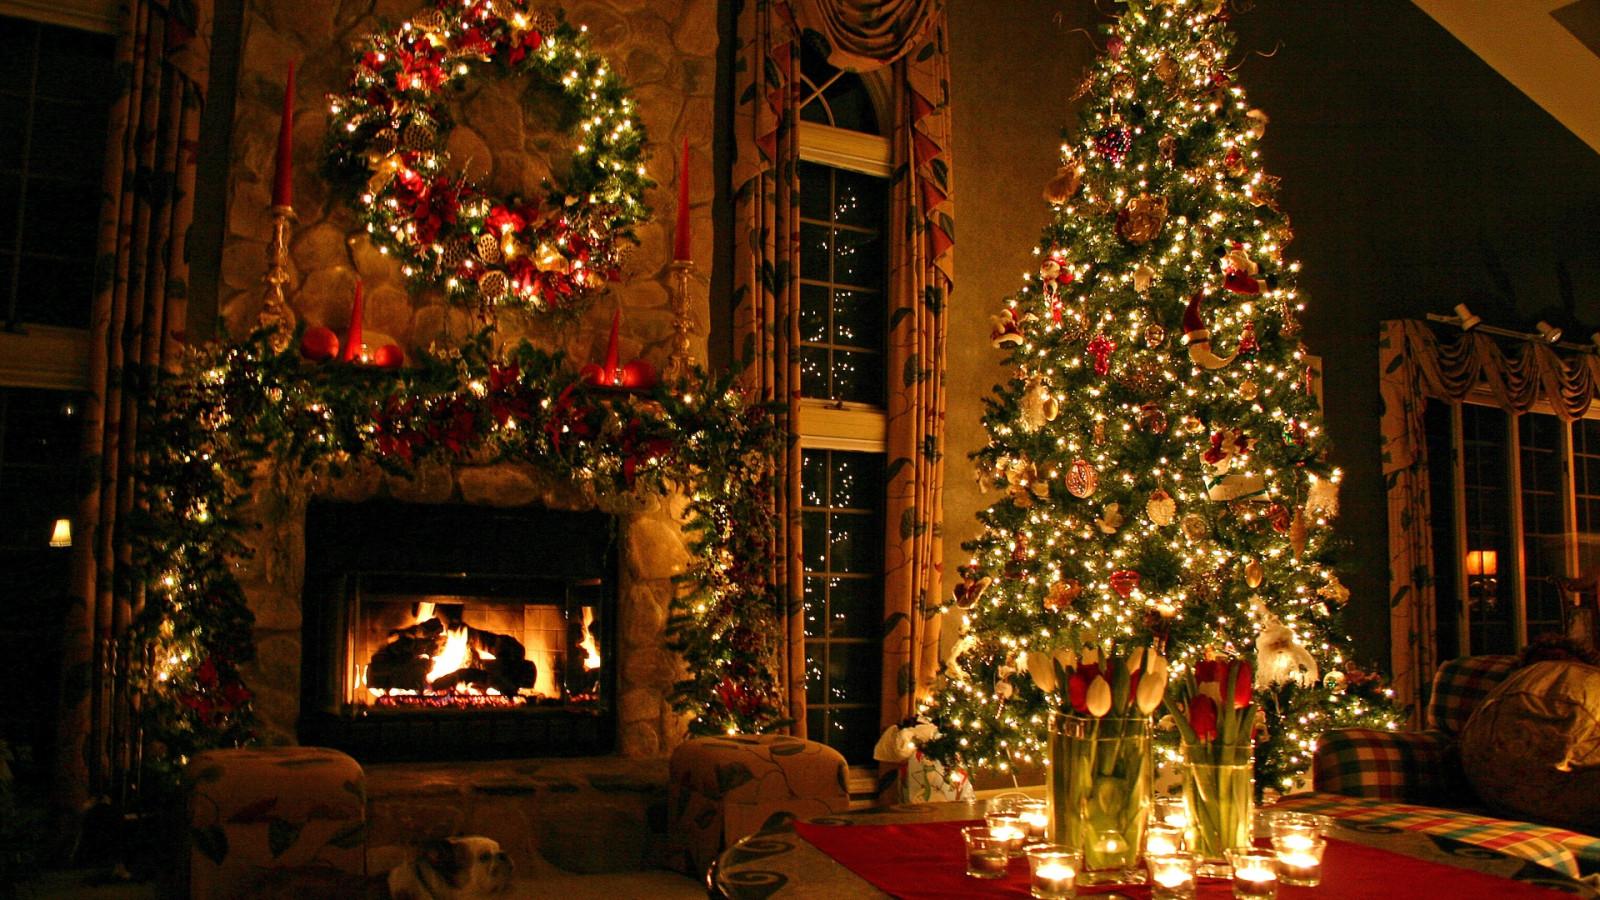 Fond d 39 cran maison arbre de no l vacances nouvel an for Decoration maison nouvel an